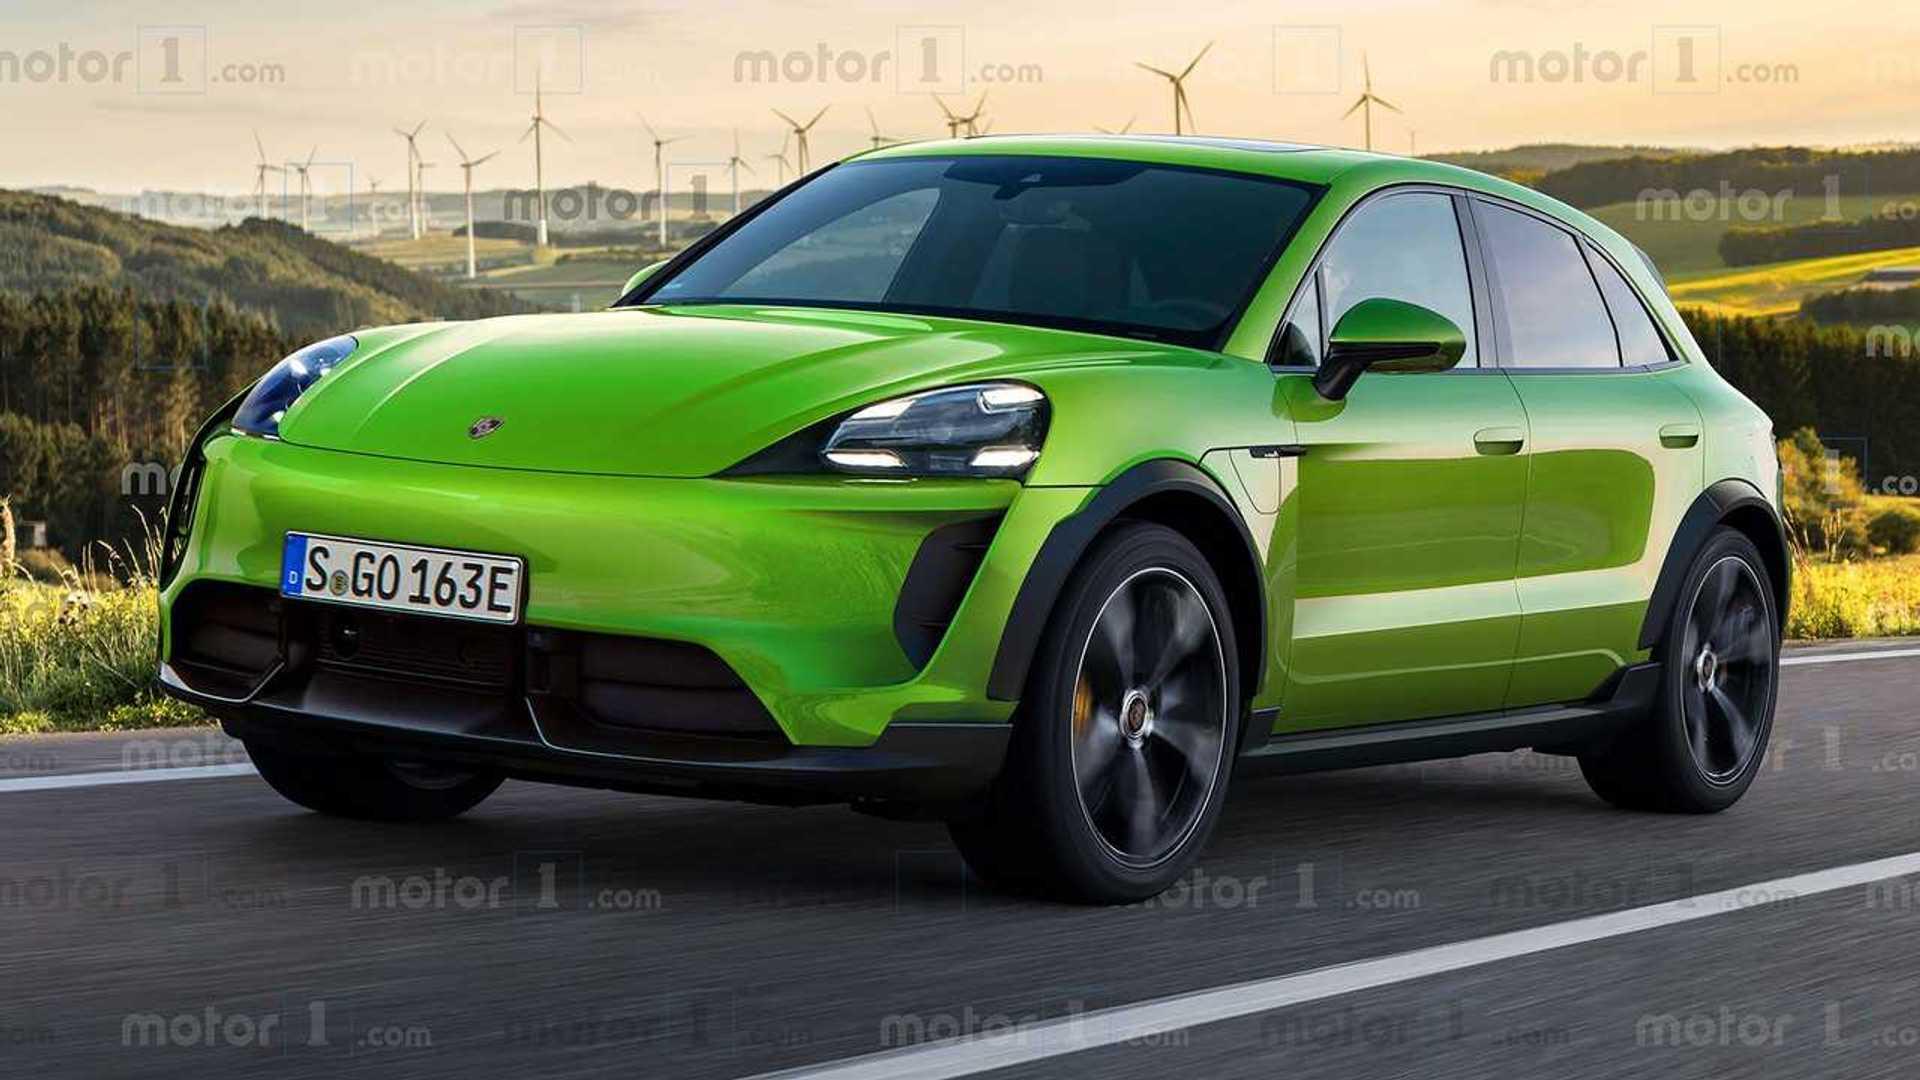 Imaginando el Porsche Macan eléctrico, con aspecto de Taycan